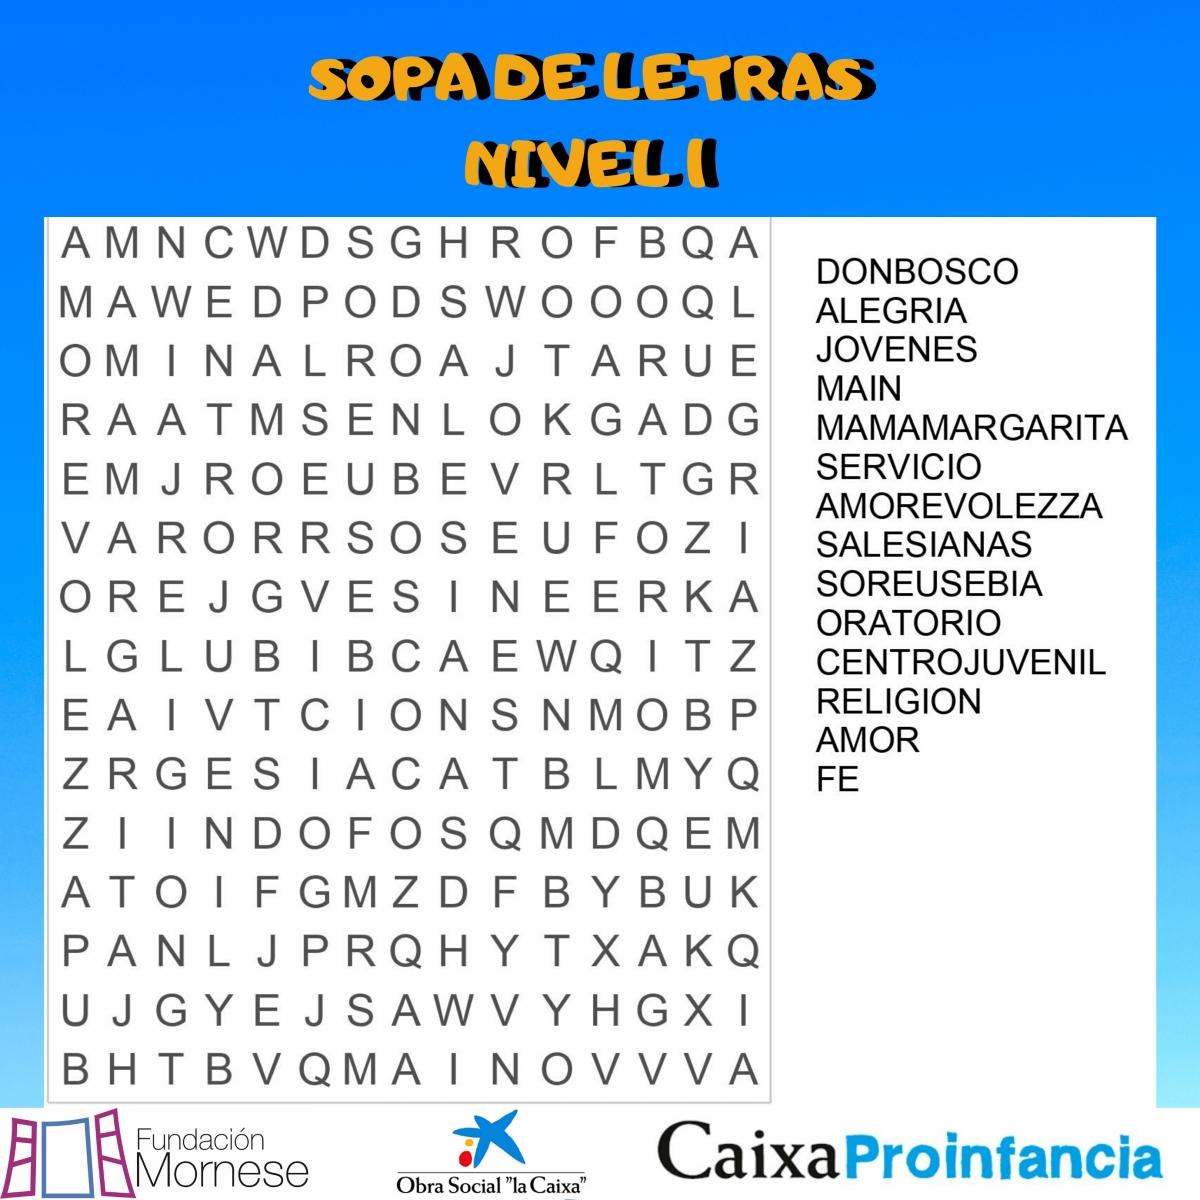 SOPA DE LETRAS 1